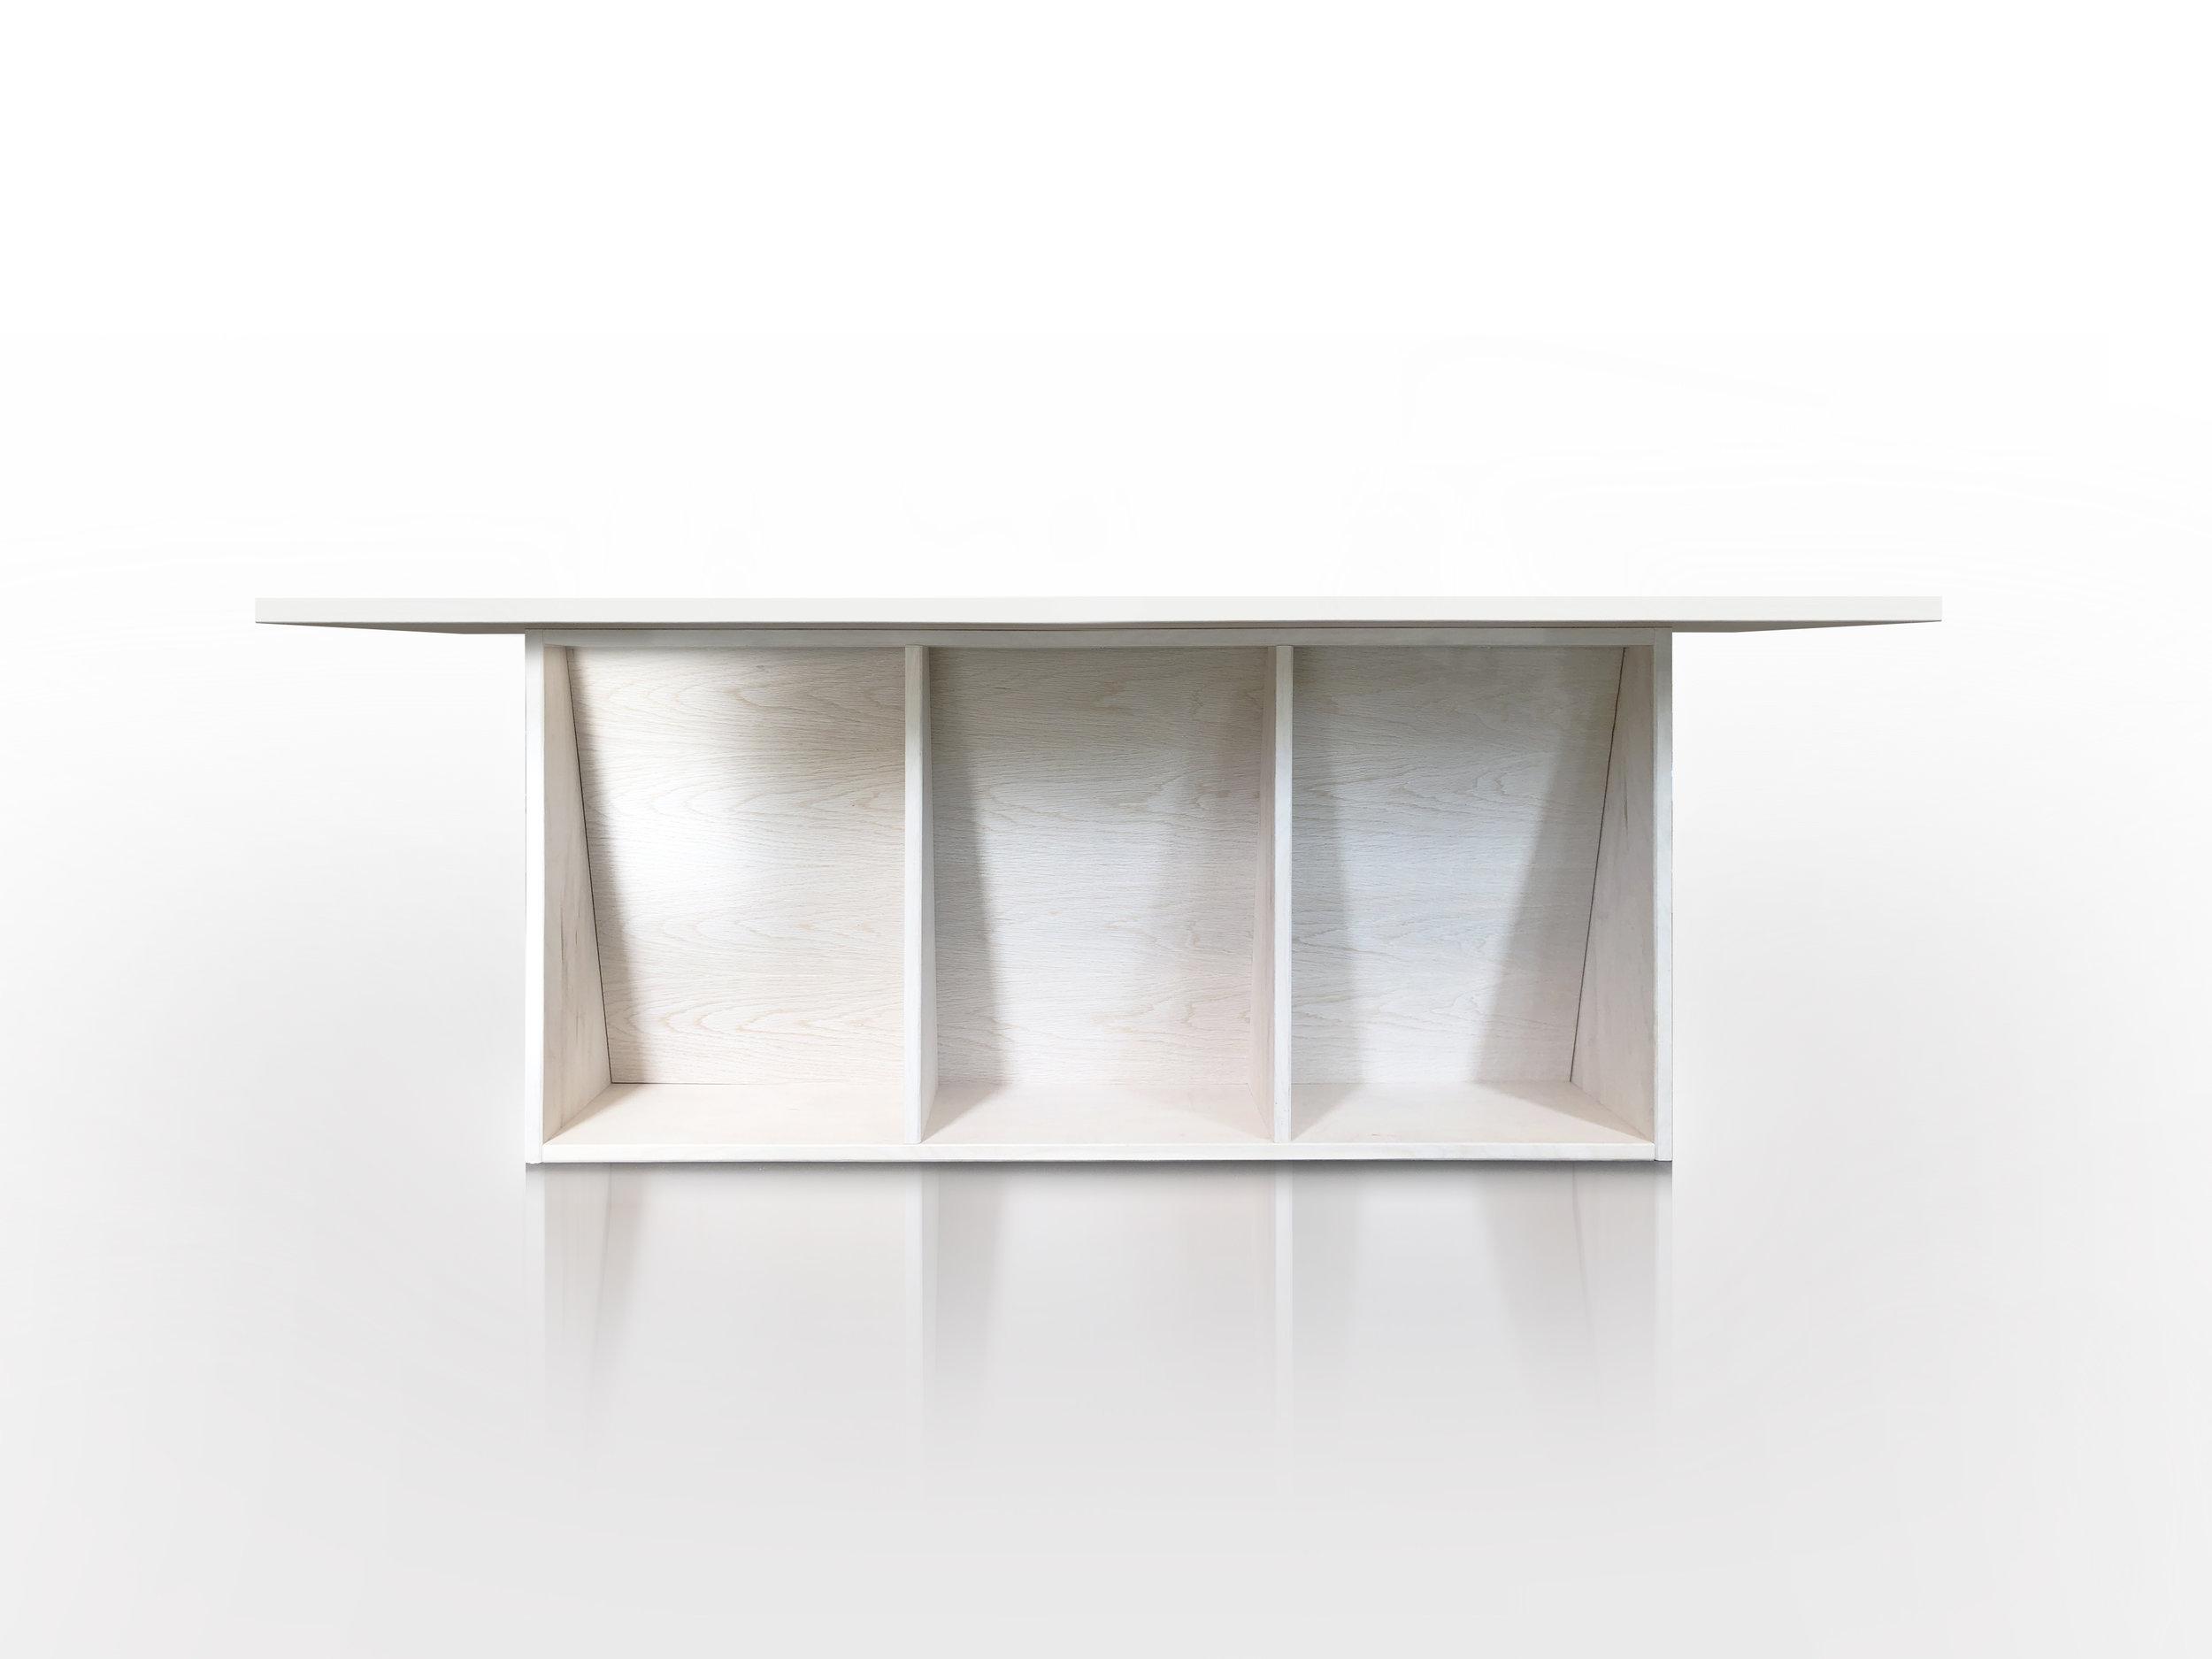 3 Table Full on White2.jpg